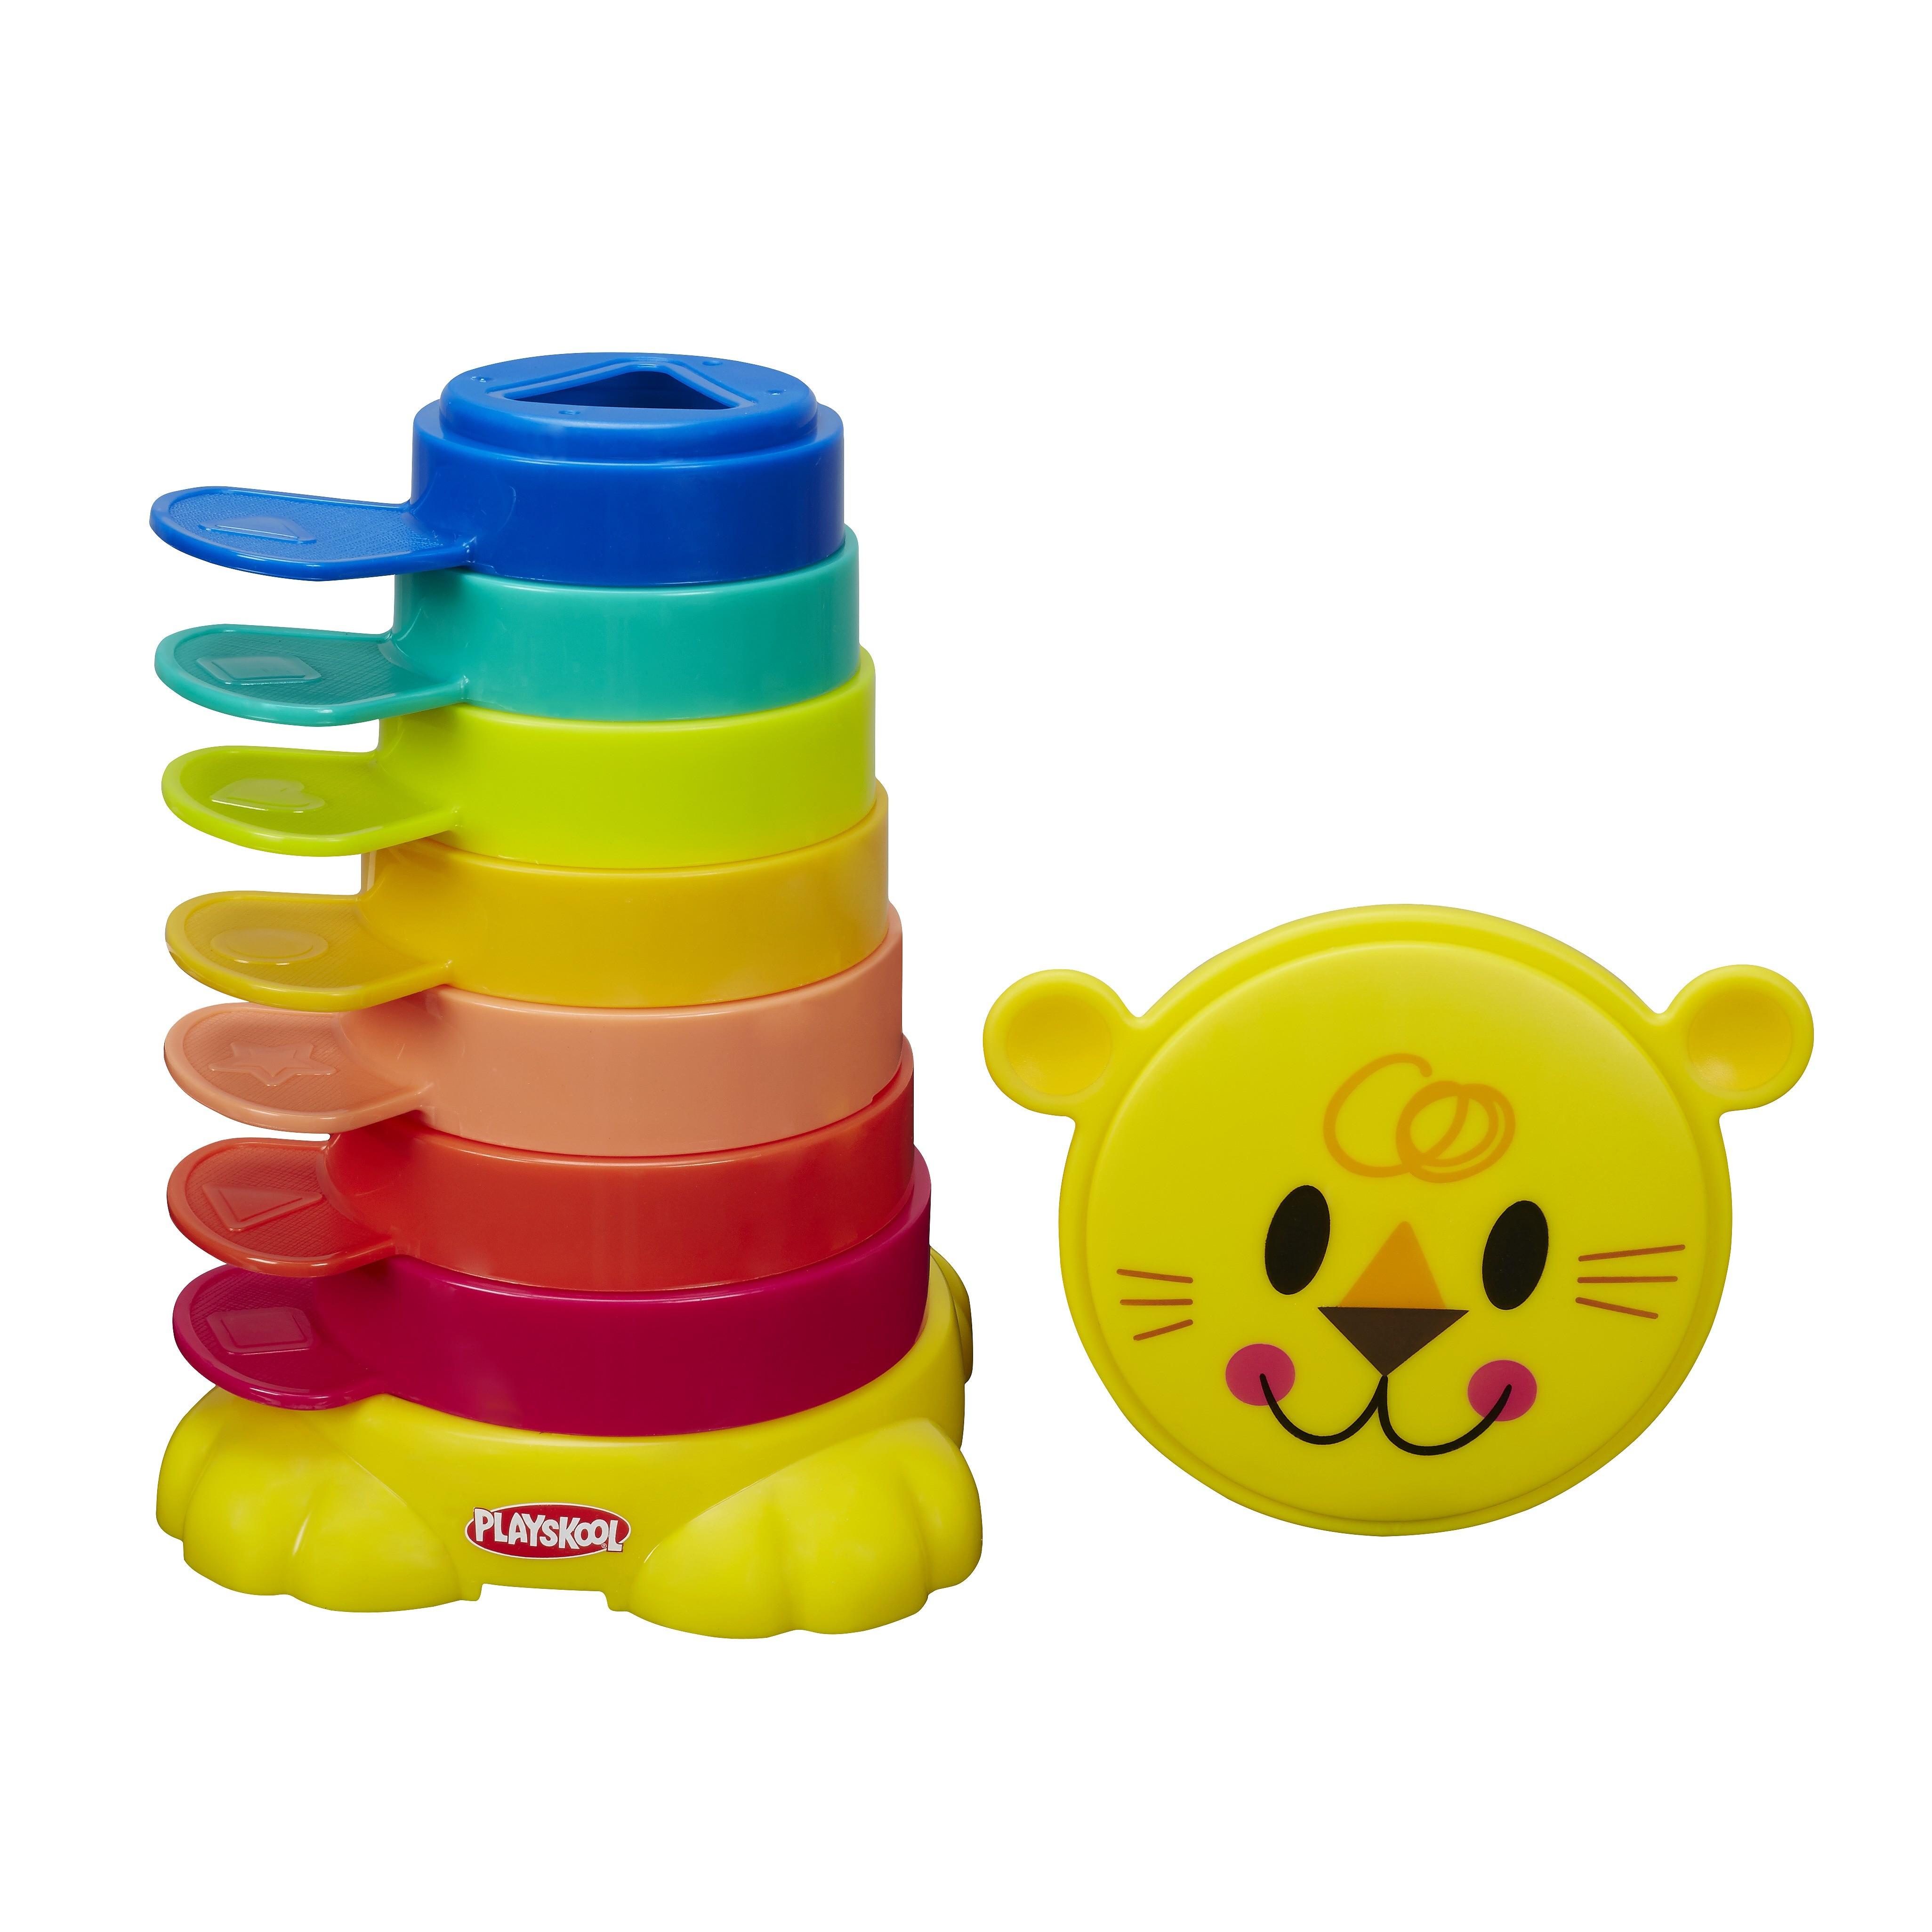 Пирамидка-львенок Playskool - Возьми с собойРазвивающие игрушки PLAYSKOOL (Hasbro)<br>Пирамидка-львенок Playskool - Возьми с собой<br>